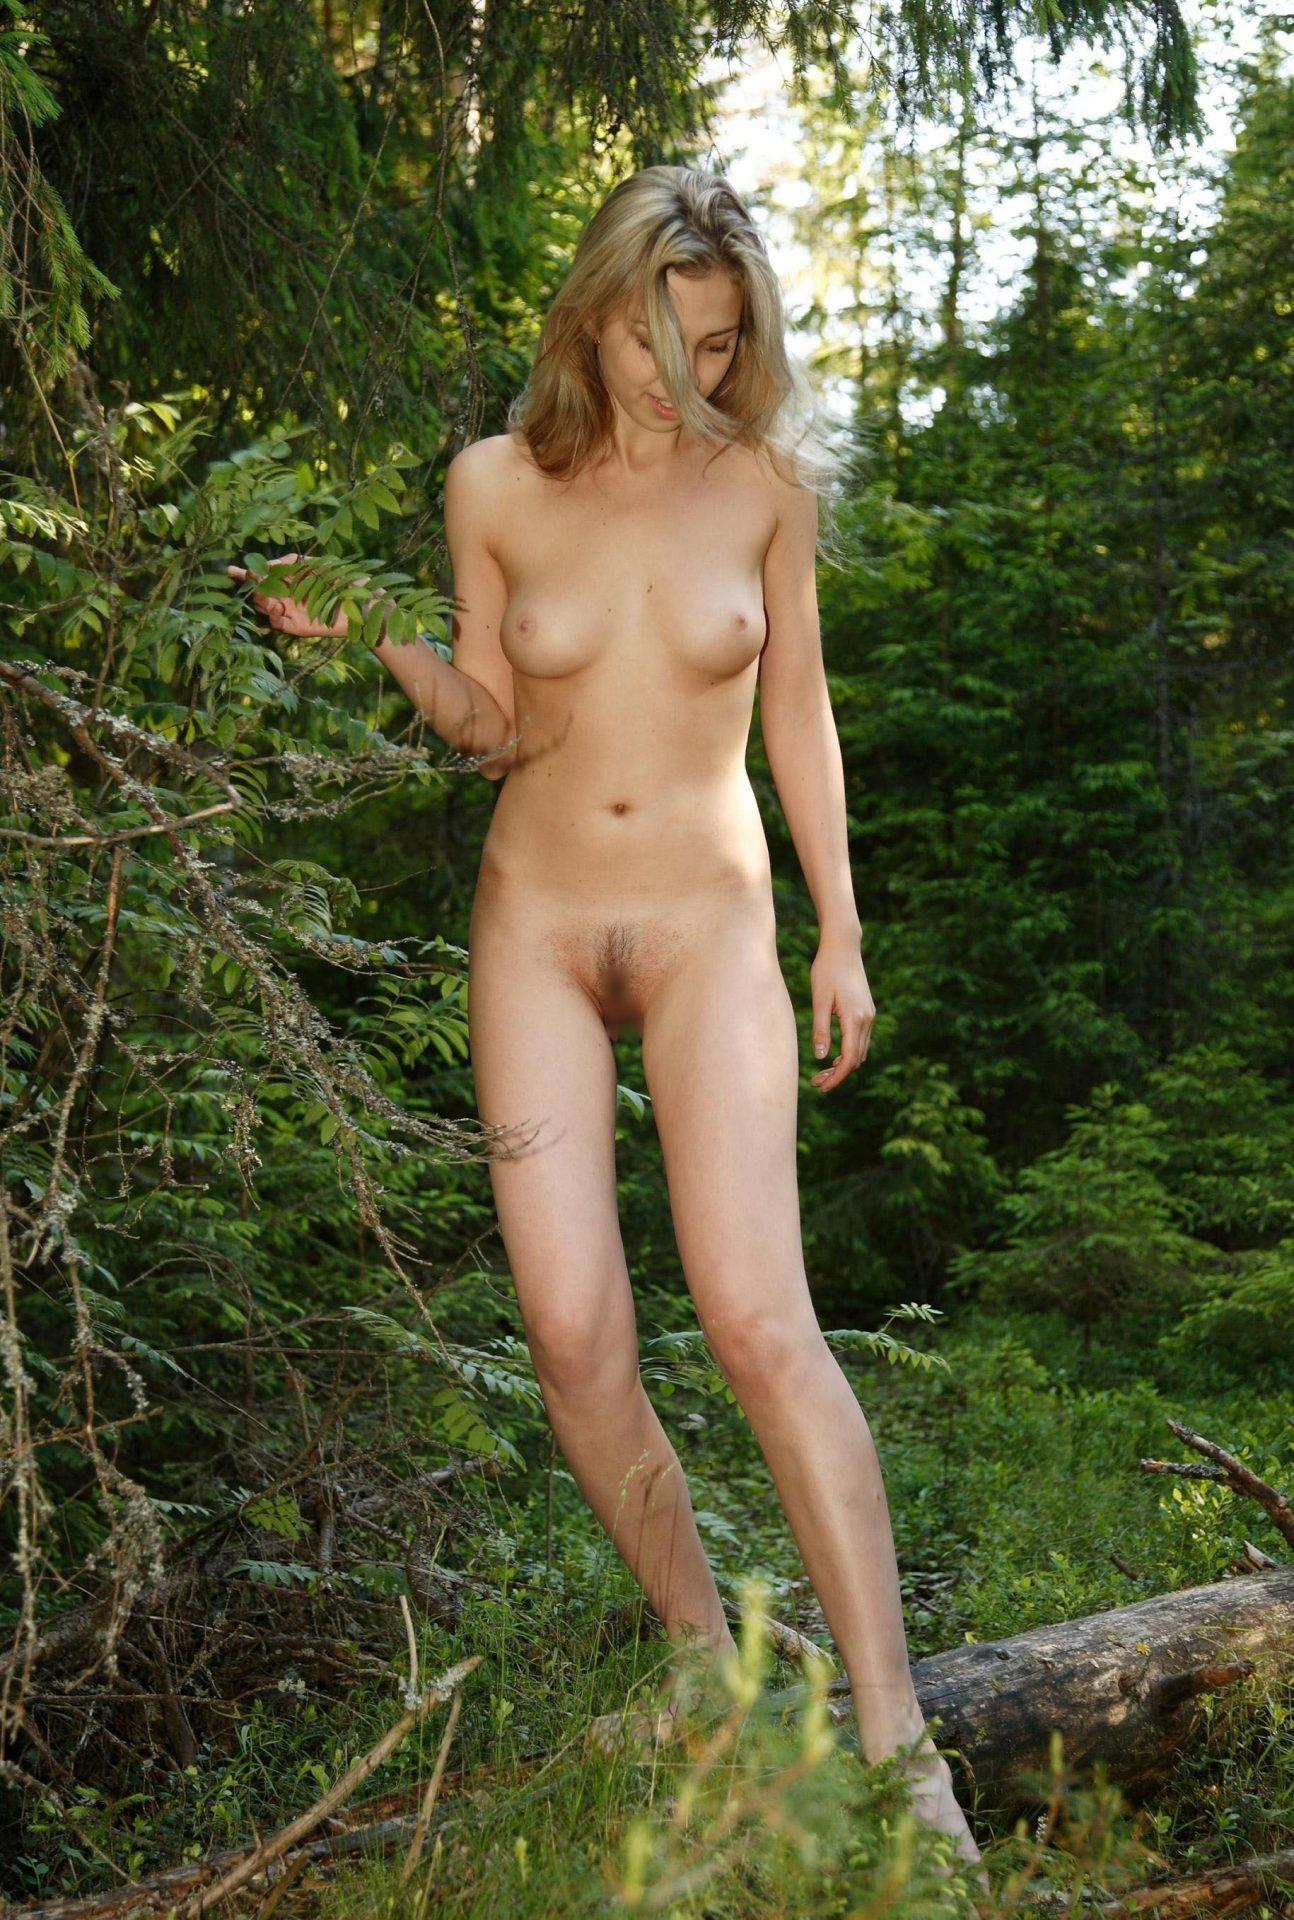 三次元 3次元 エロ画像 大自然 ヌード 裸 べっぴん娘通信 005